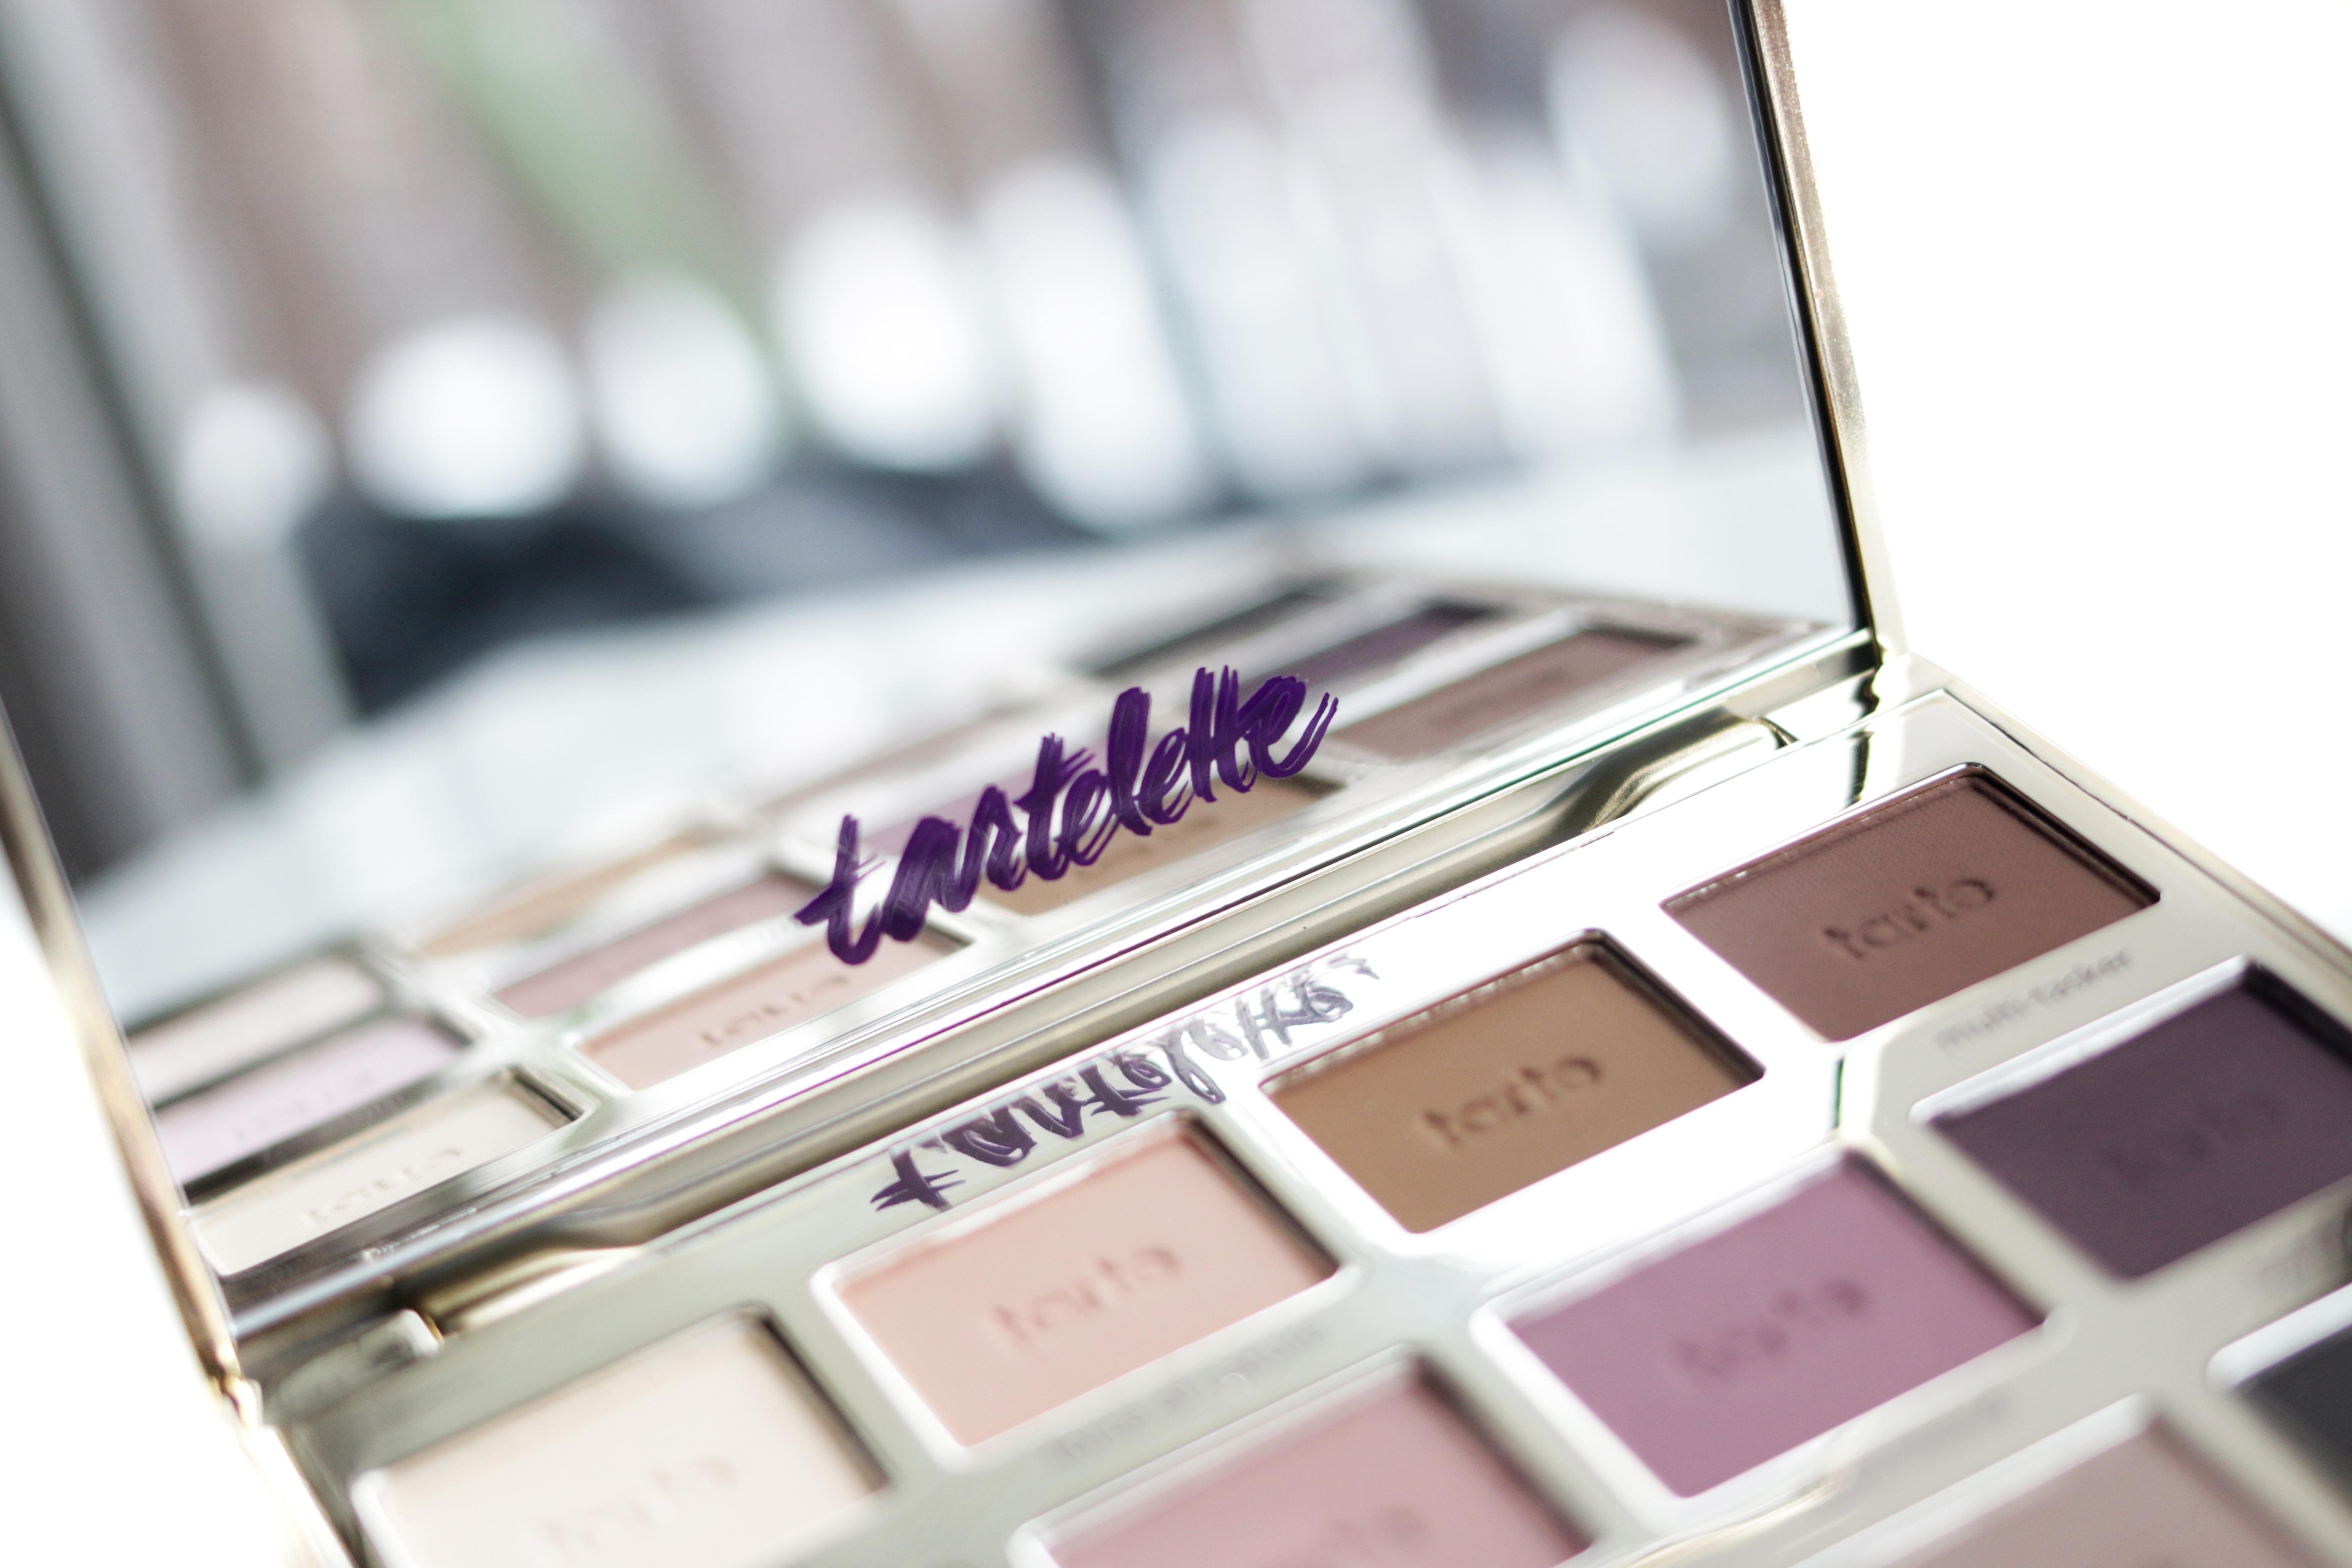 Tartelette palette review